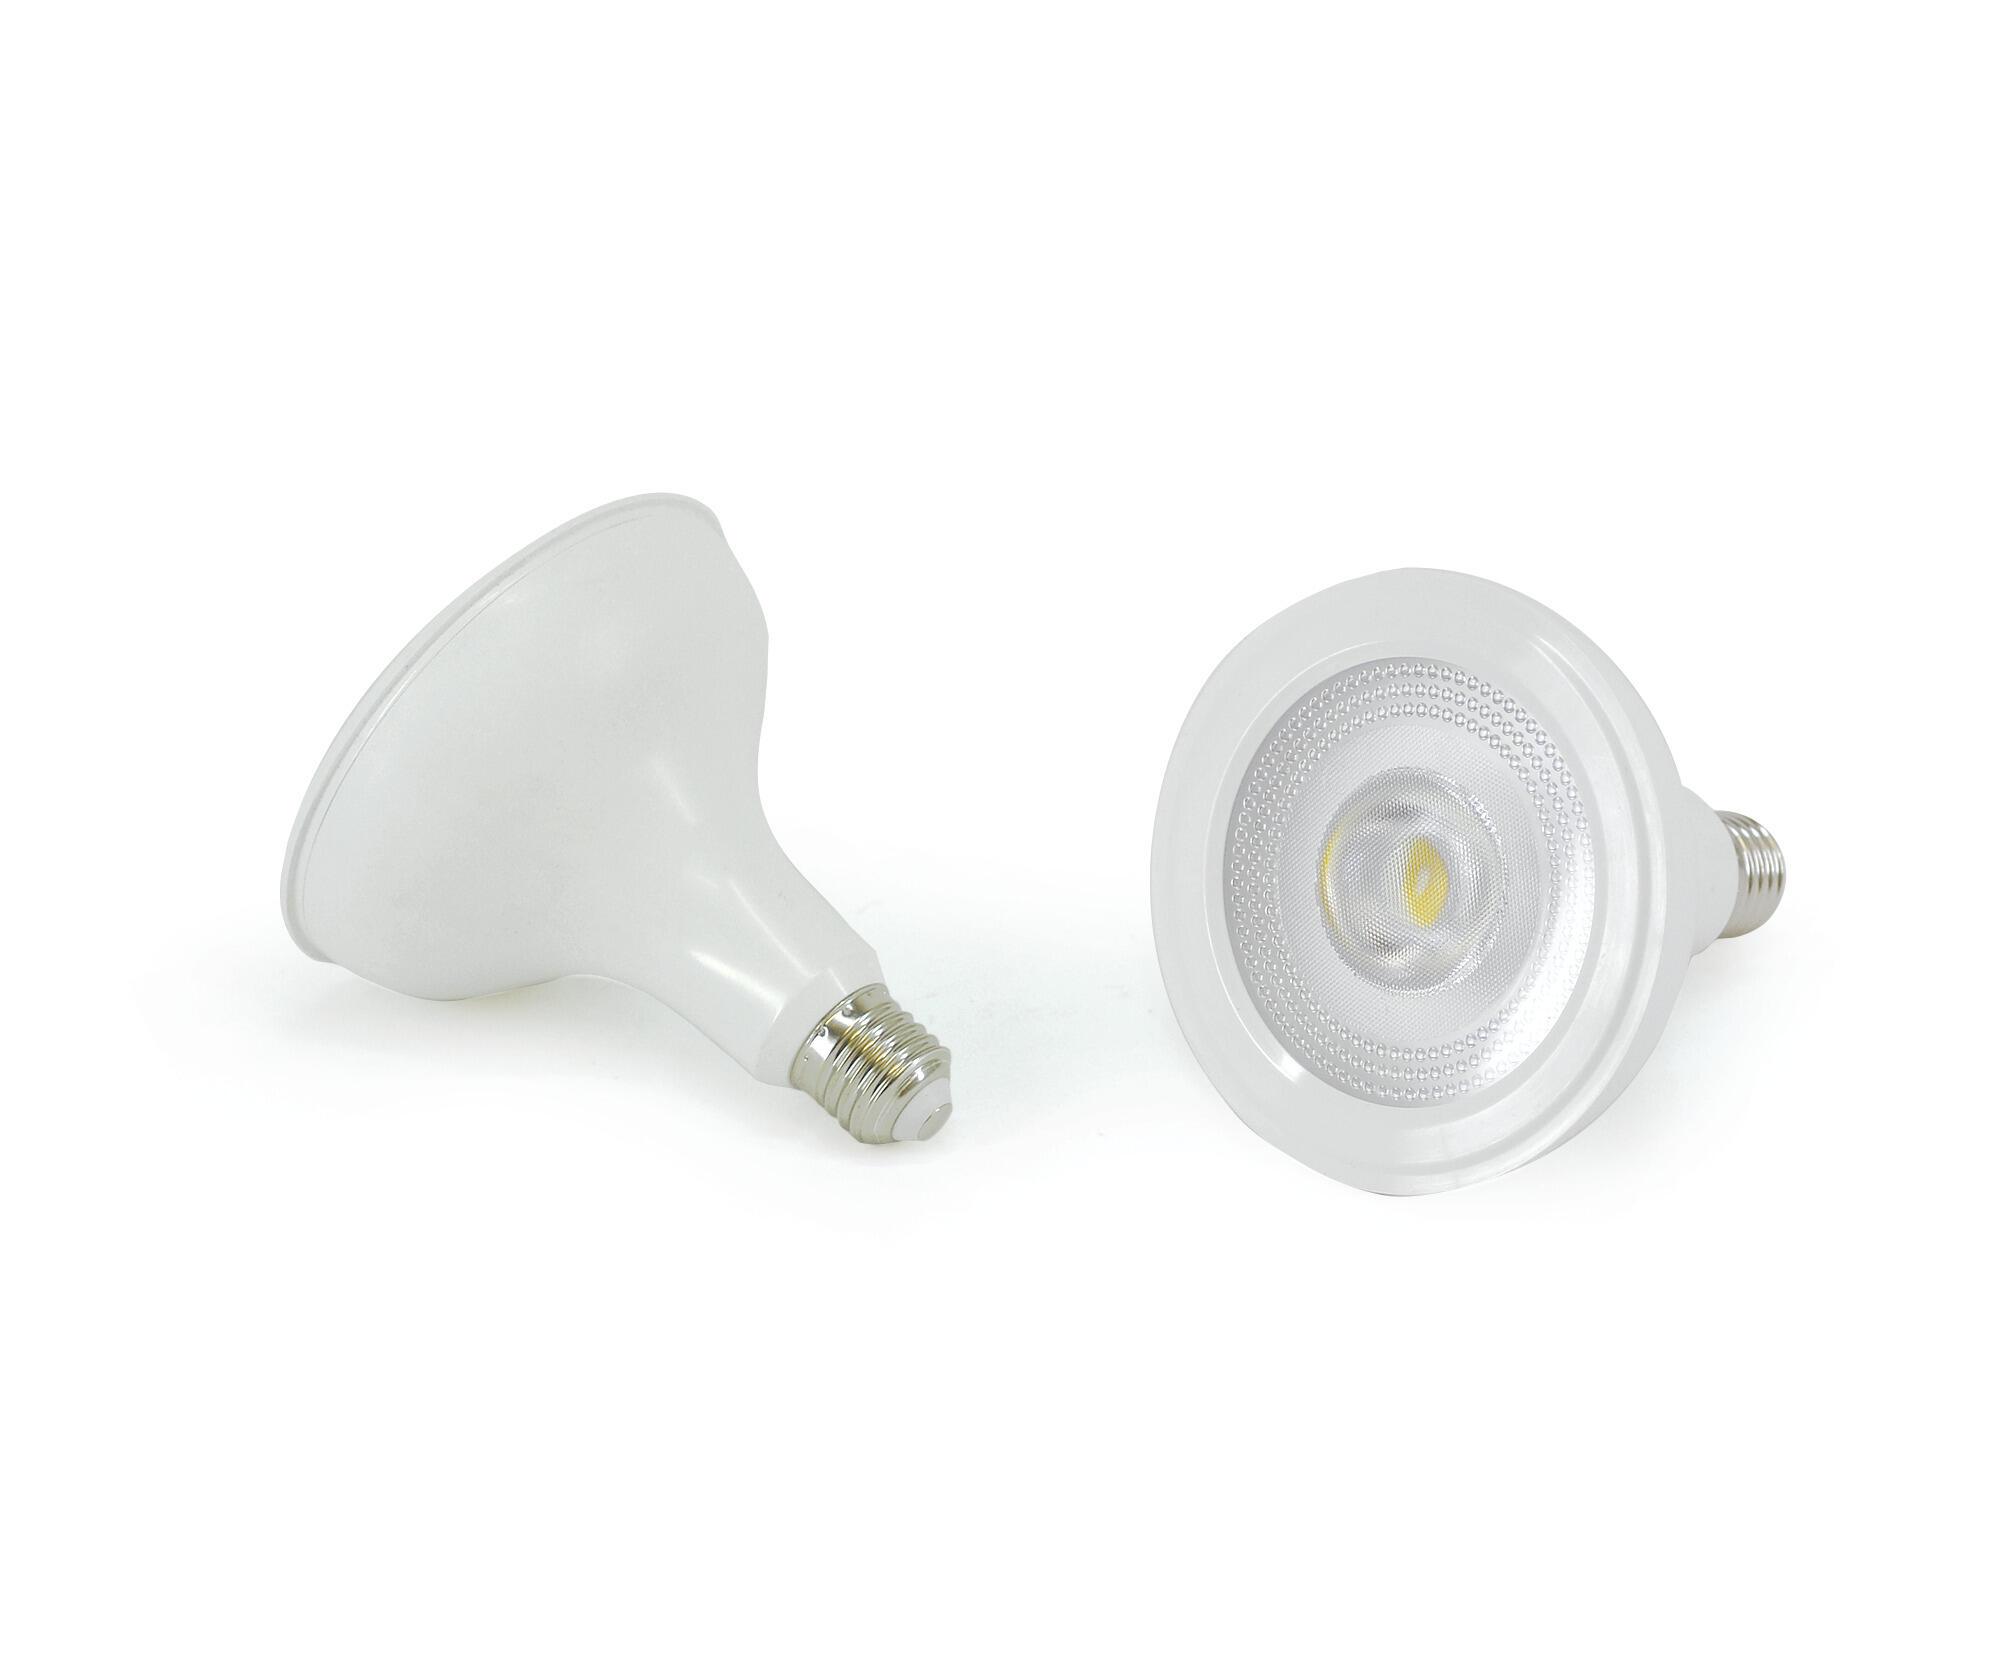 Plantelys LED-pære 18 W